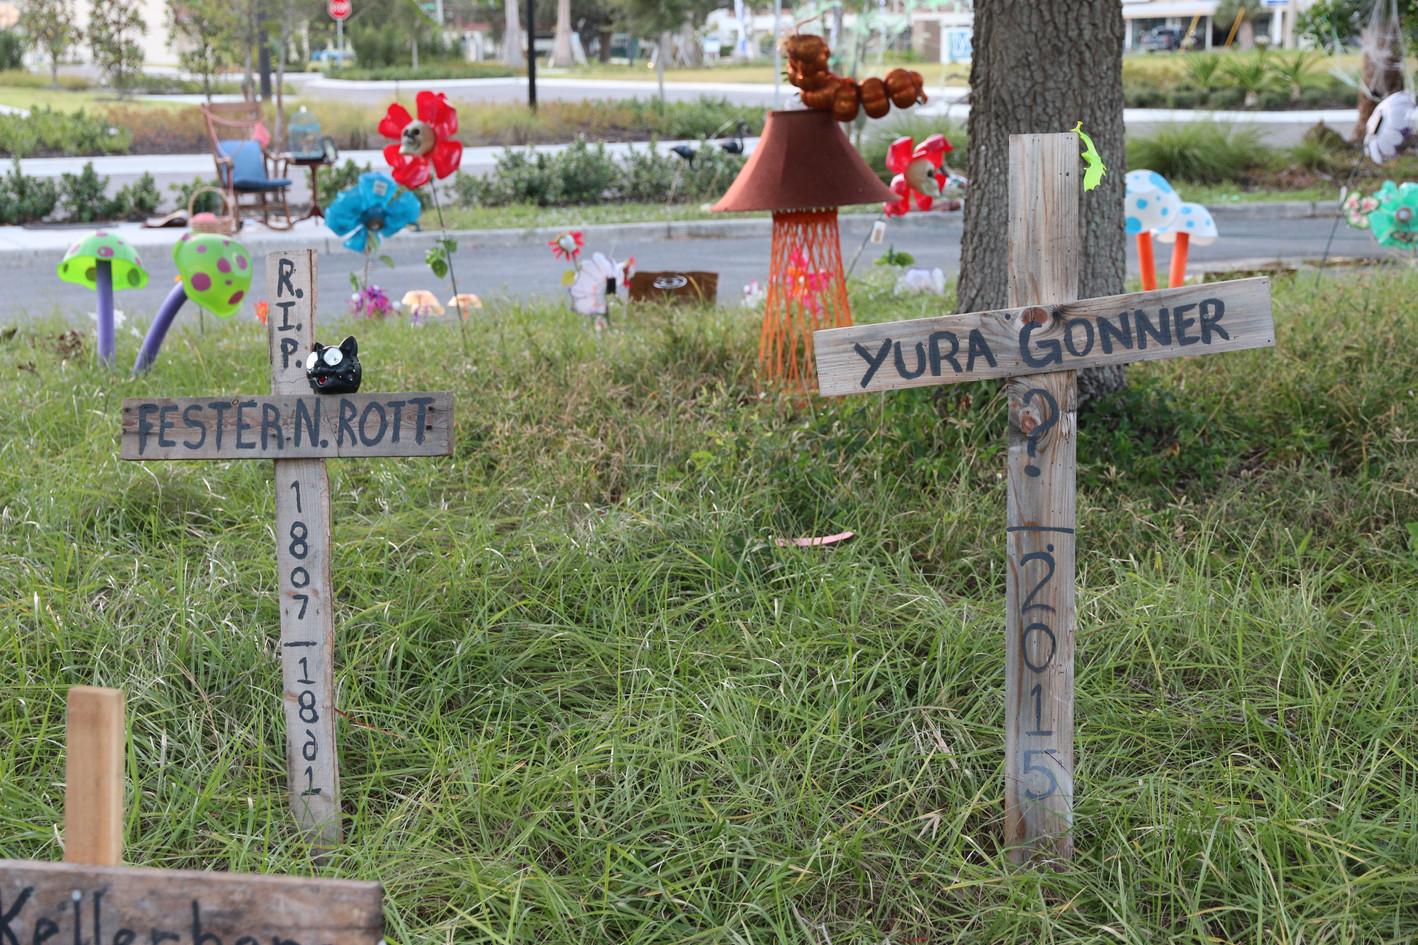 Fester N Rott and Yura Gonner